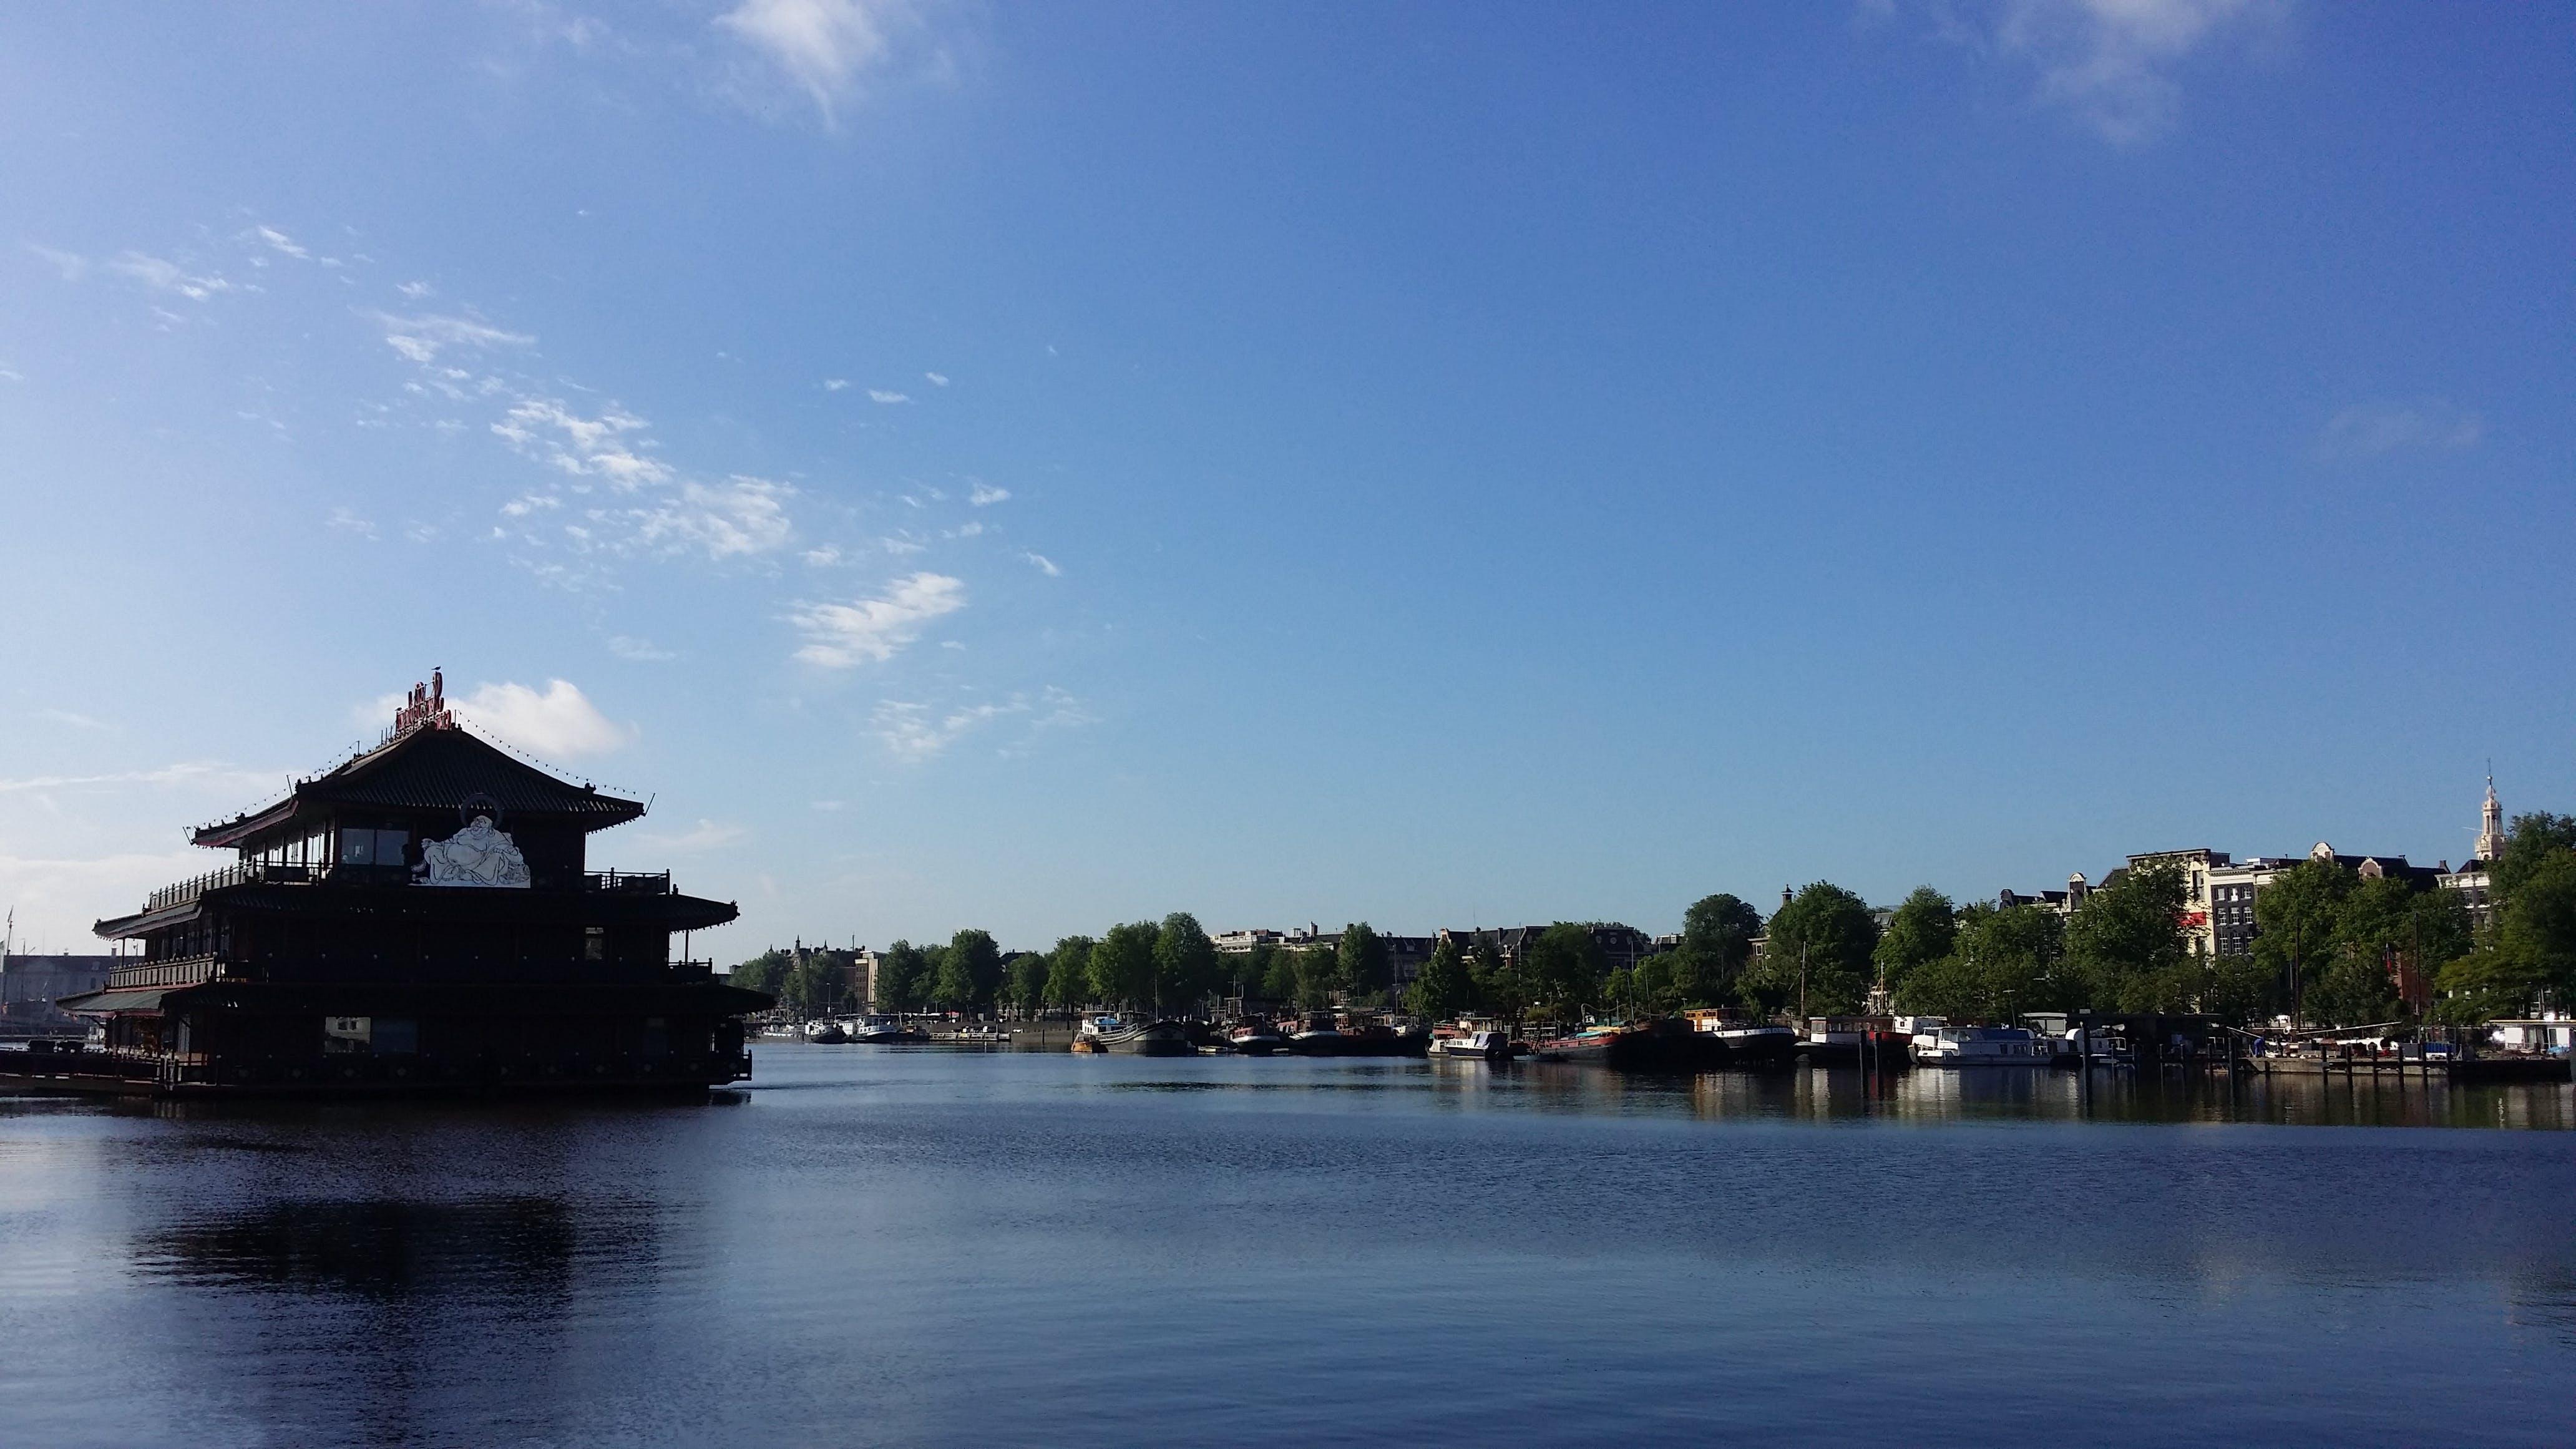 Kostenloses Stock Foto zu amsterdam, blauer himmel, chinesisches essen, kanal